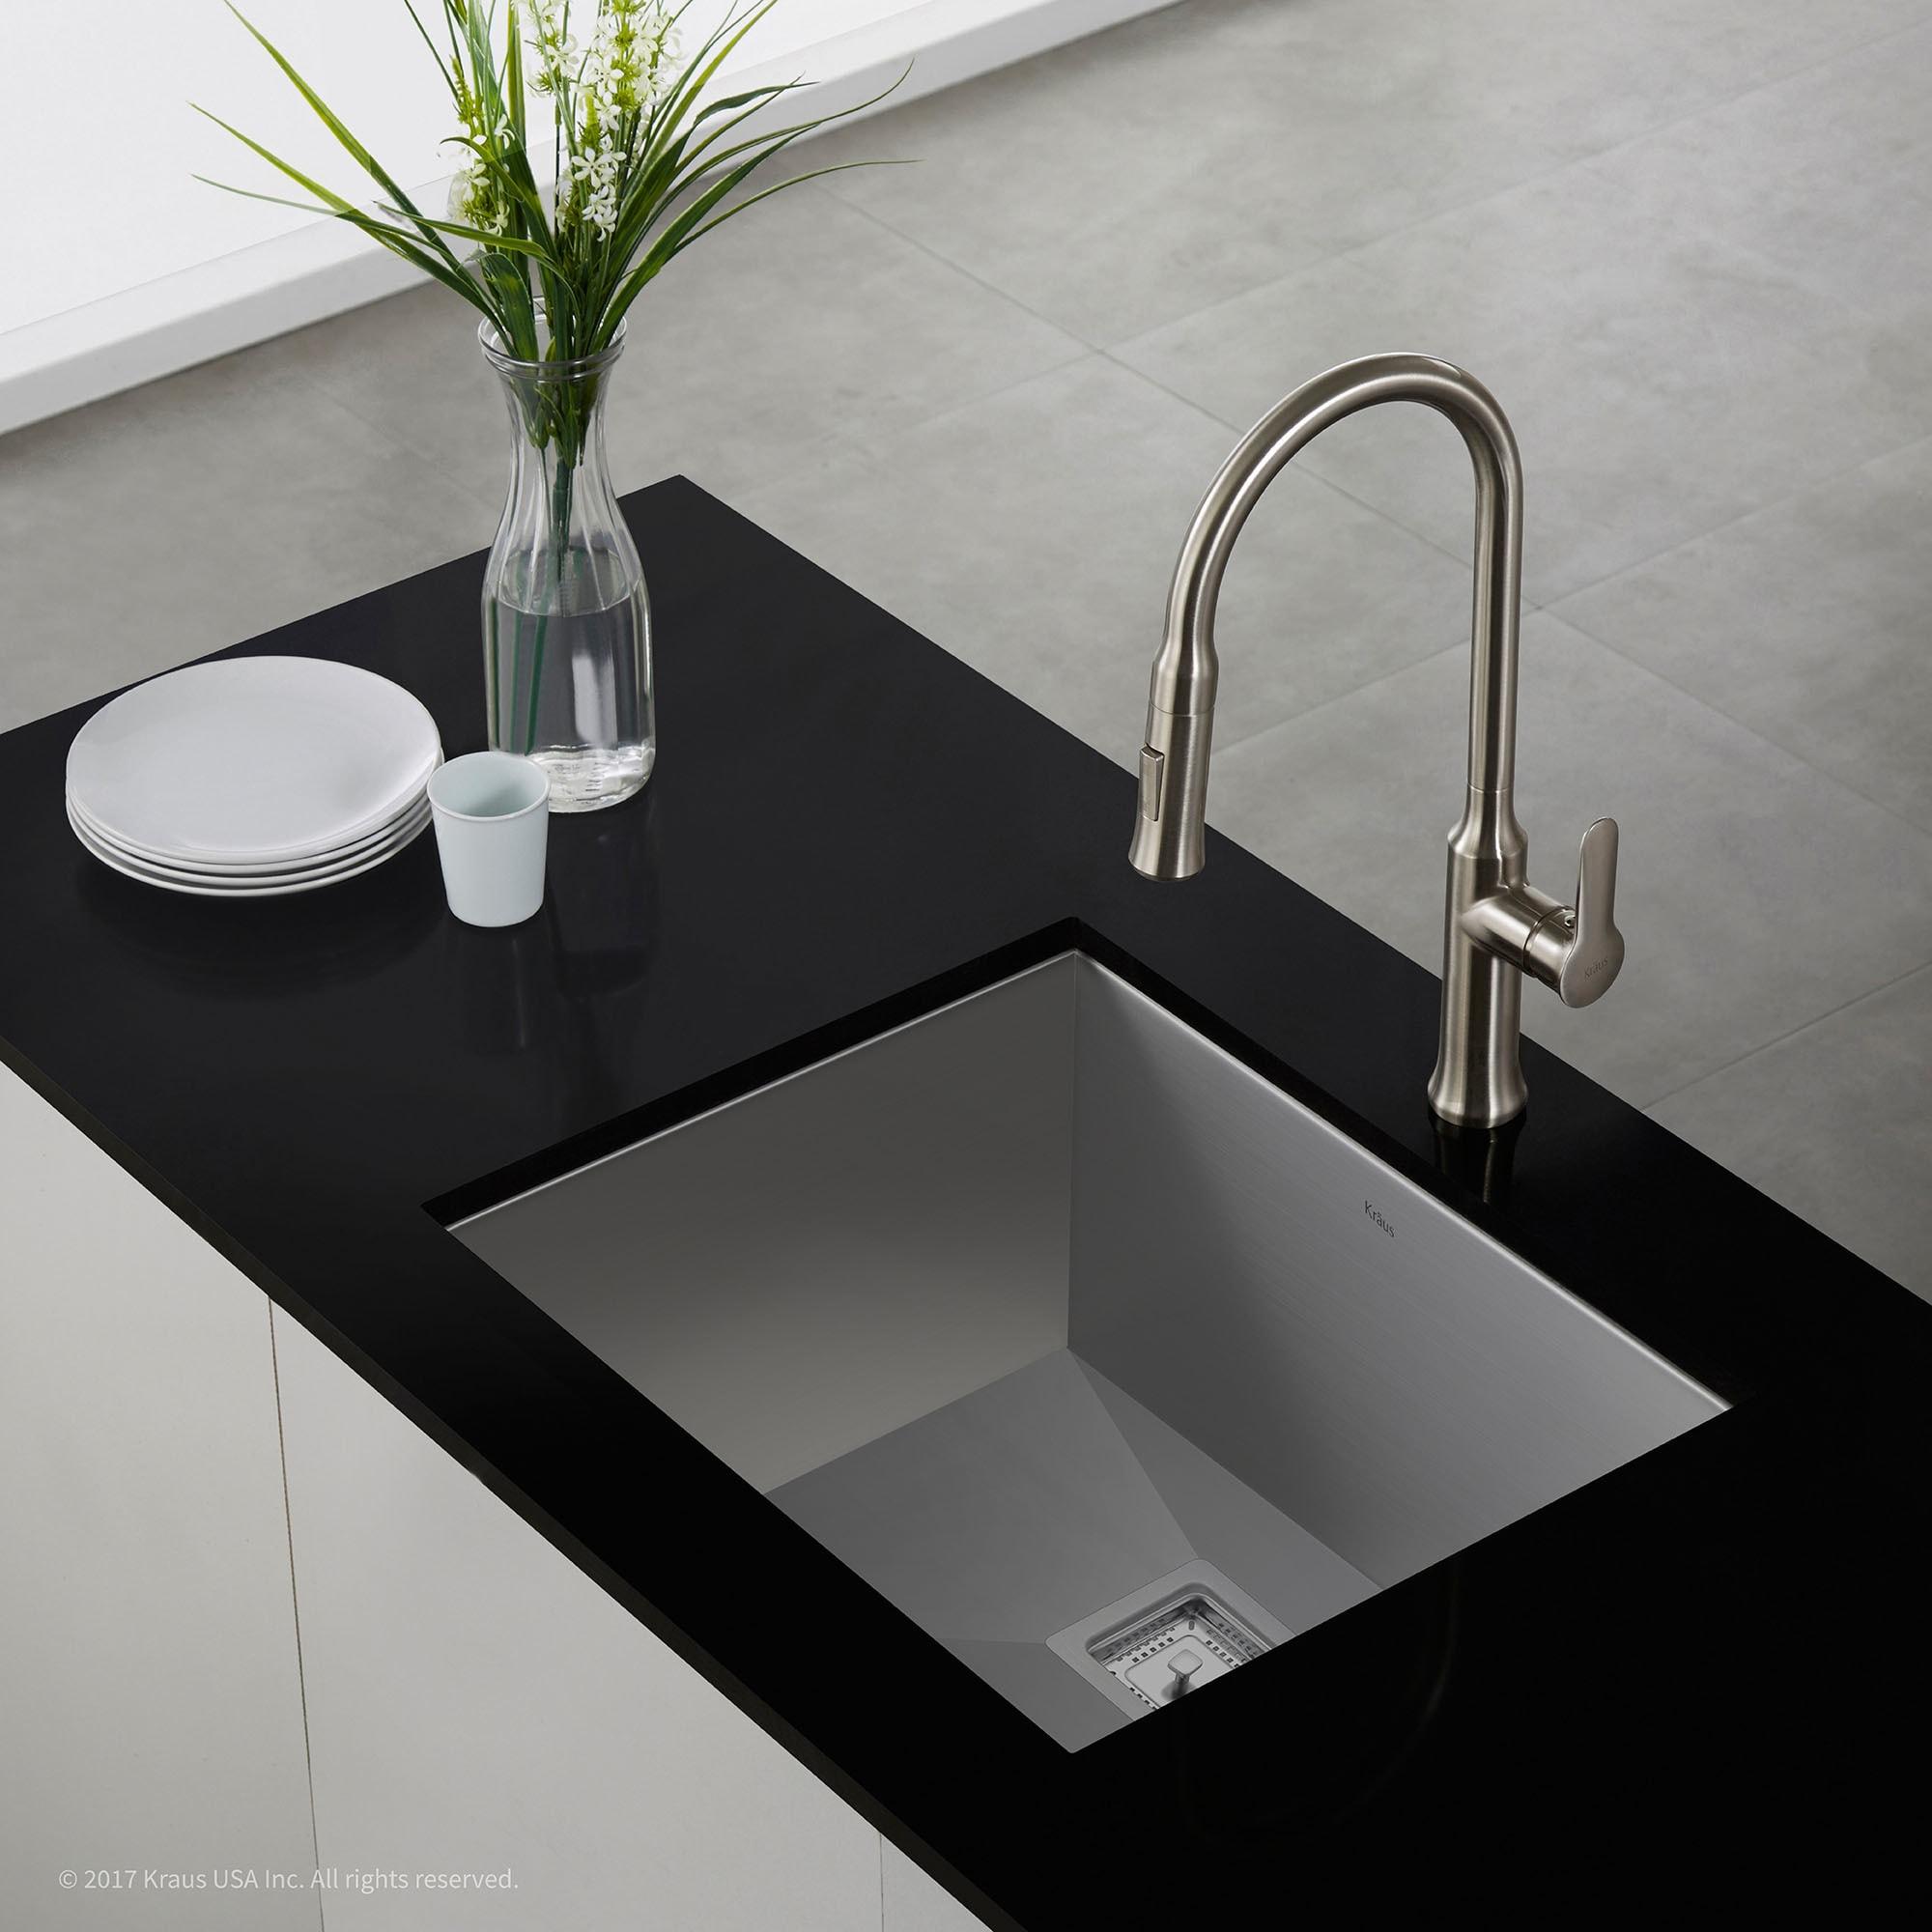 Kraus Usa Inc kraus pax zero radius 22 1 2 inch handmade undermount single bowl 16